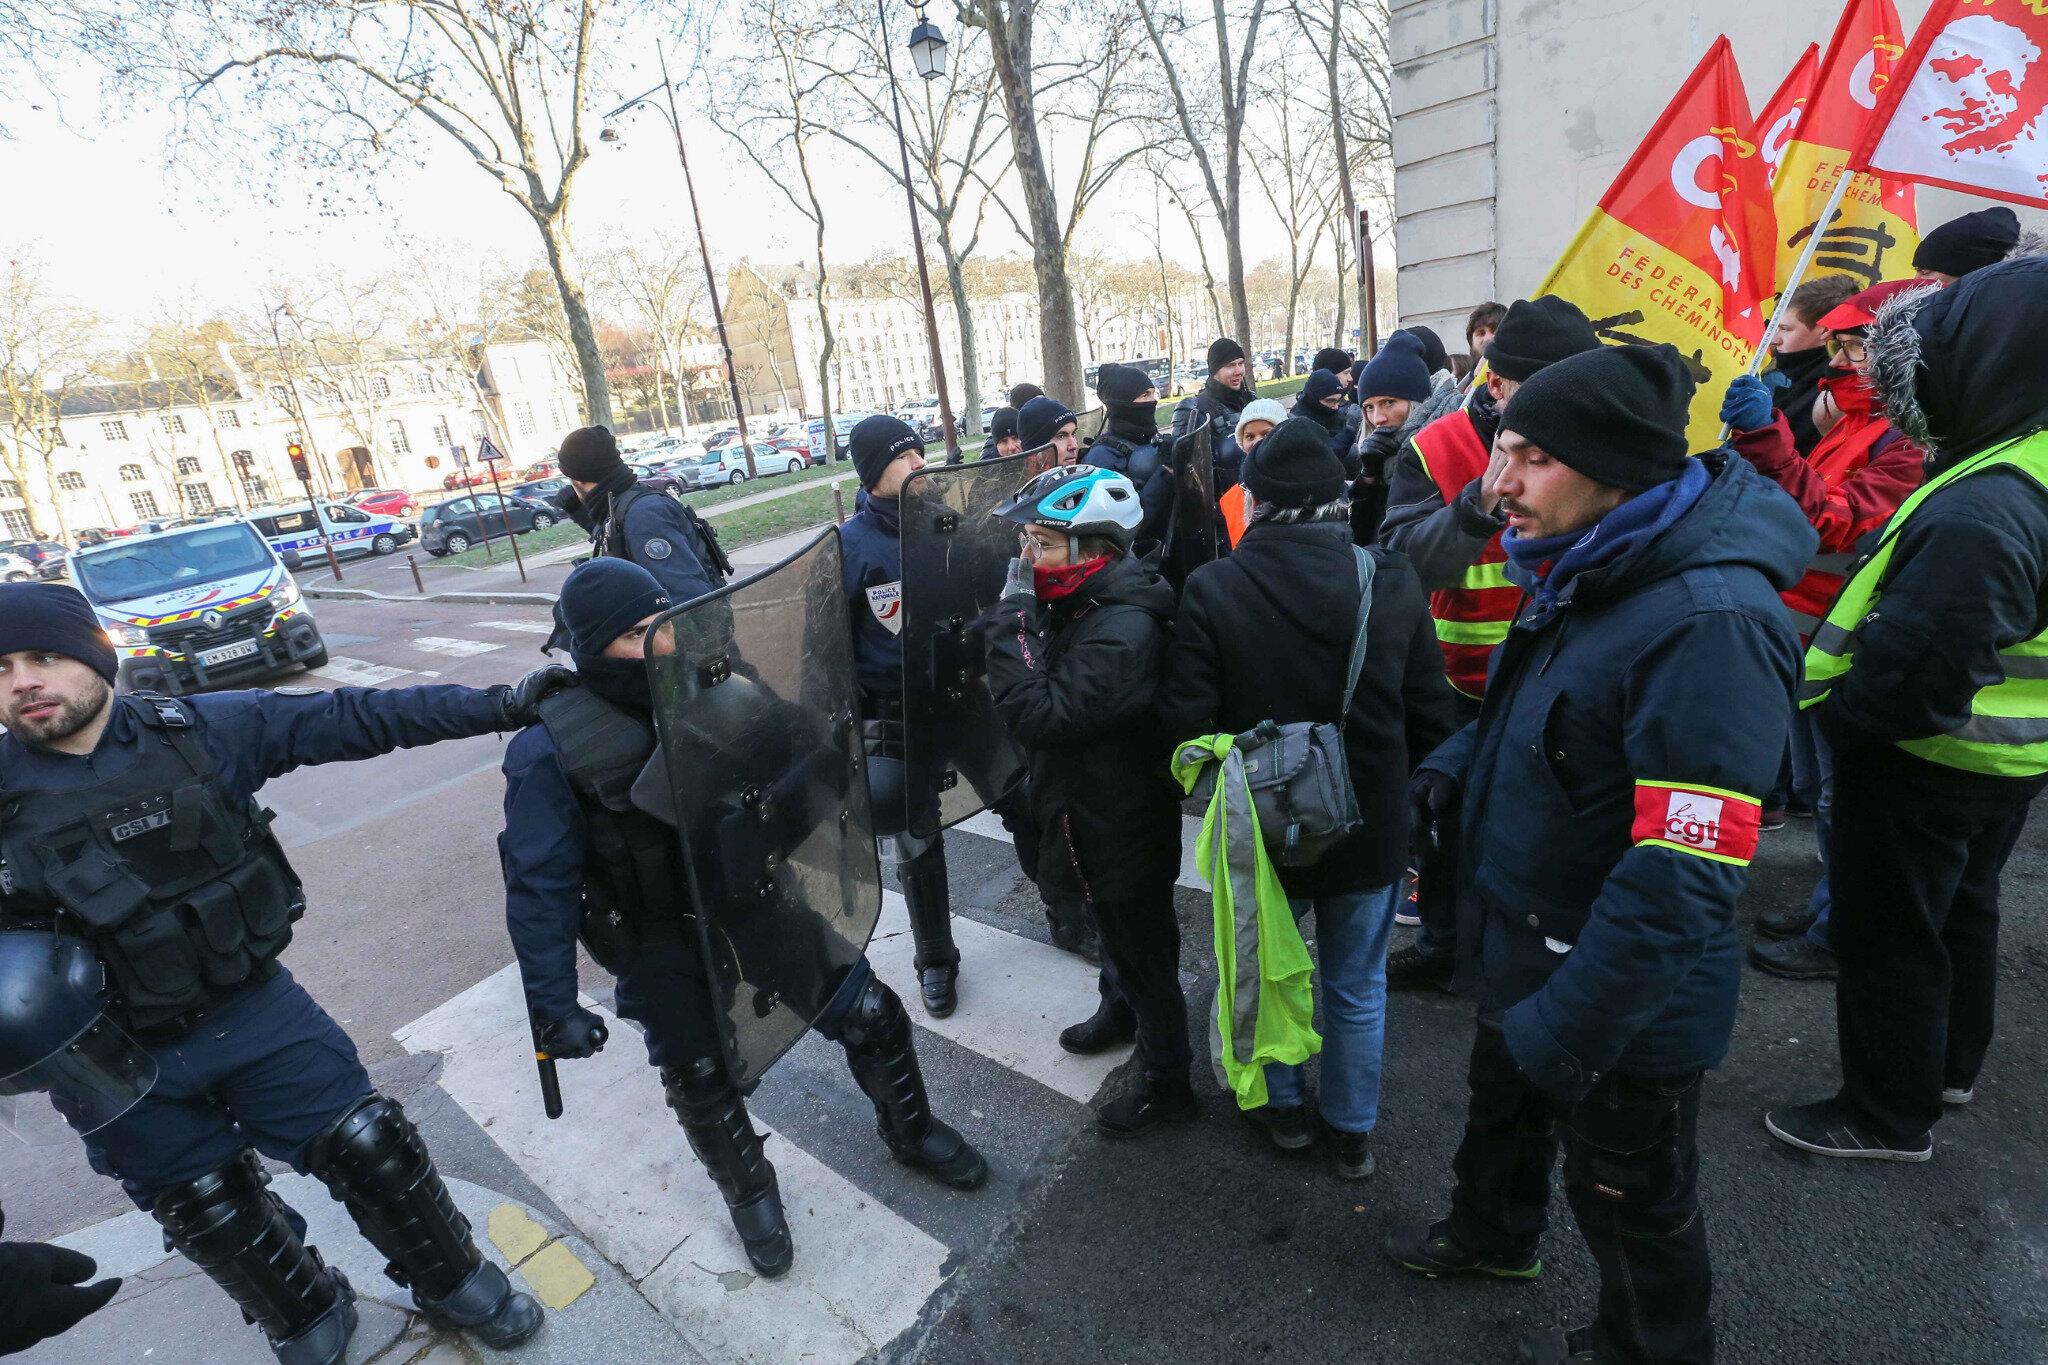 Macron rencontre 150 patrons au château de Versailles, CGT et Gilets jaunes se mobilisent. © Michel Stoupak. Lun 21.01.2019, 11h56m42.